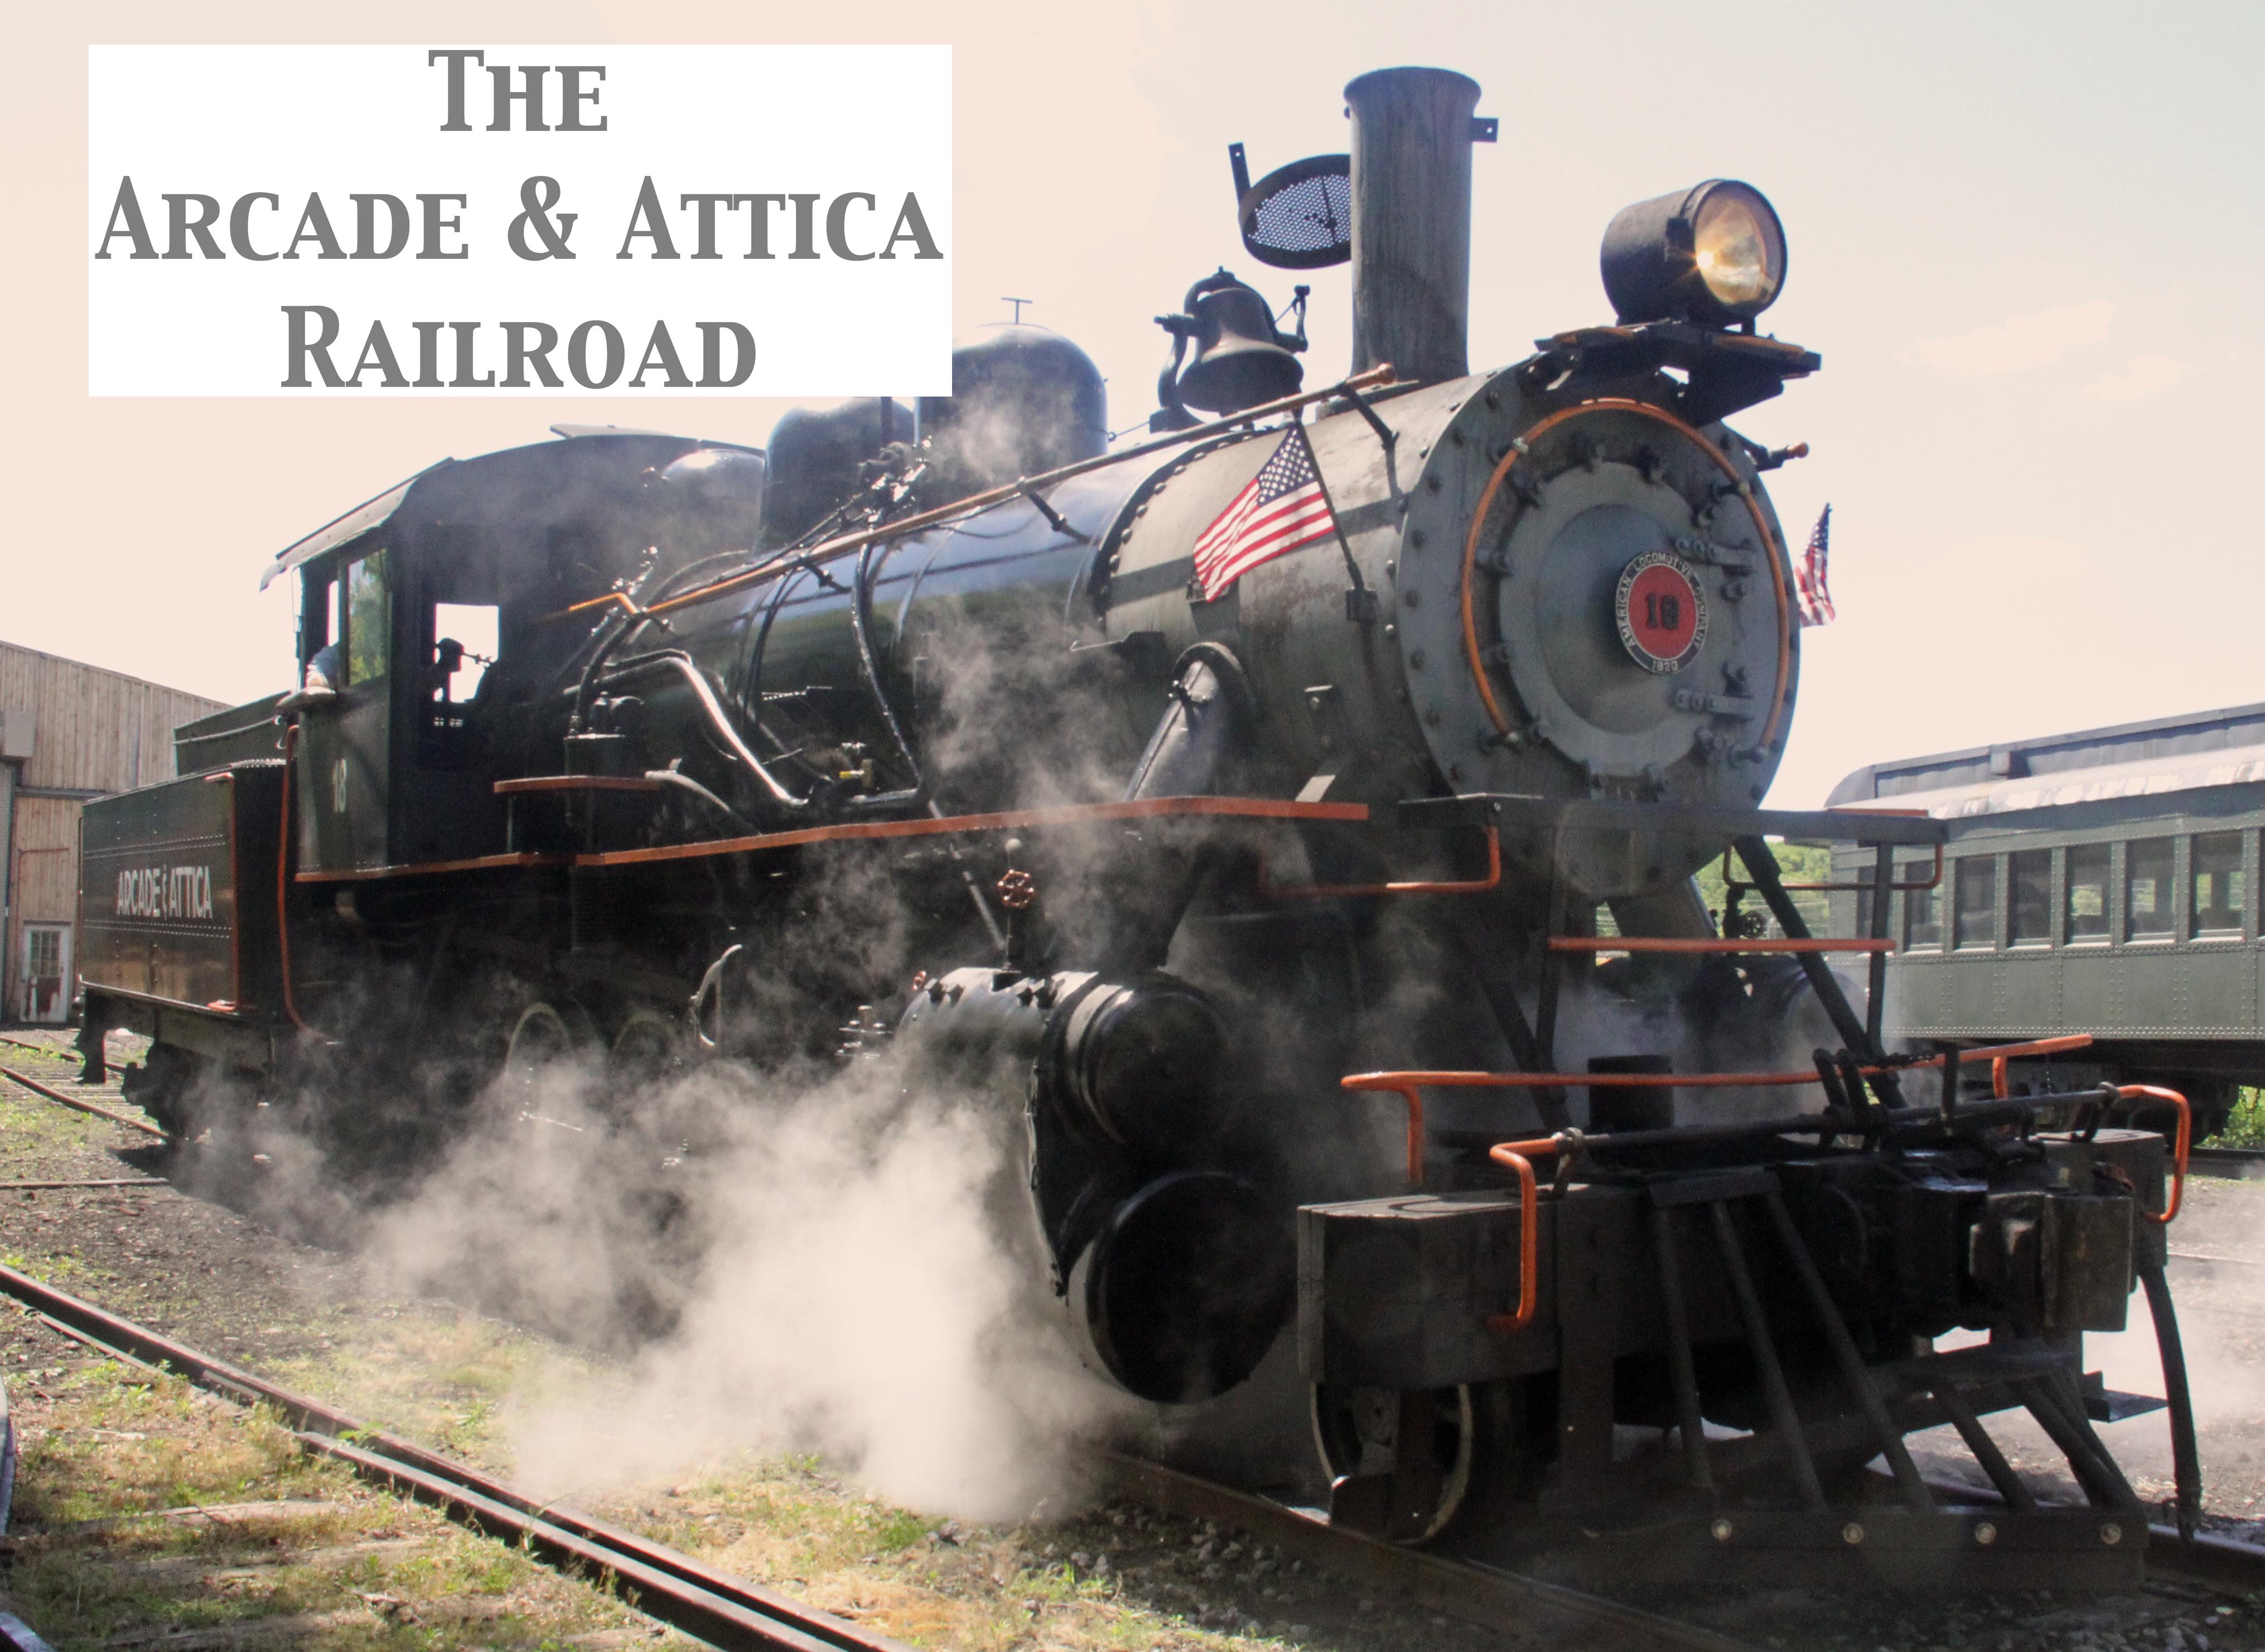 The Arcade & Attica Railroad A&ARR